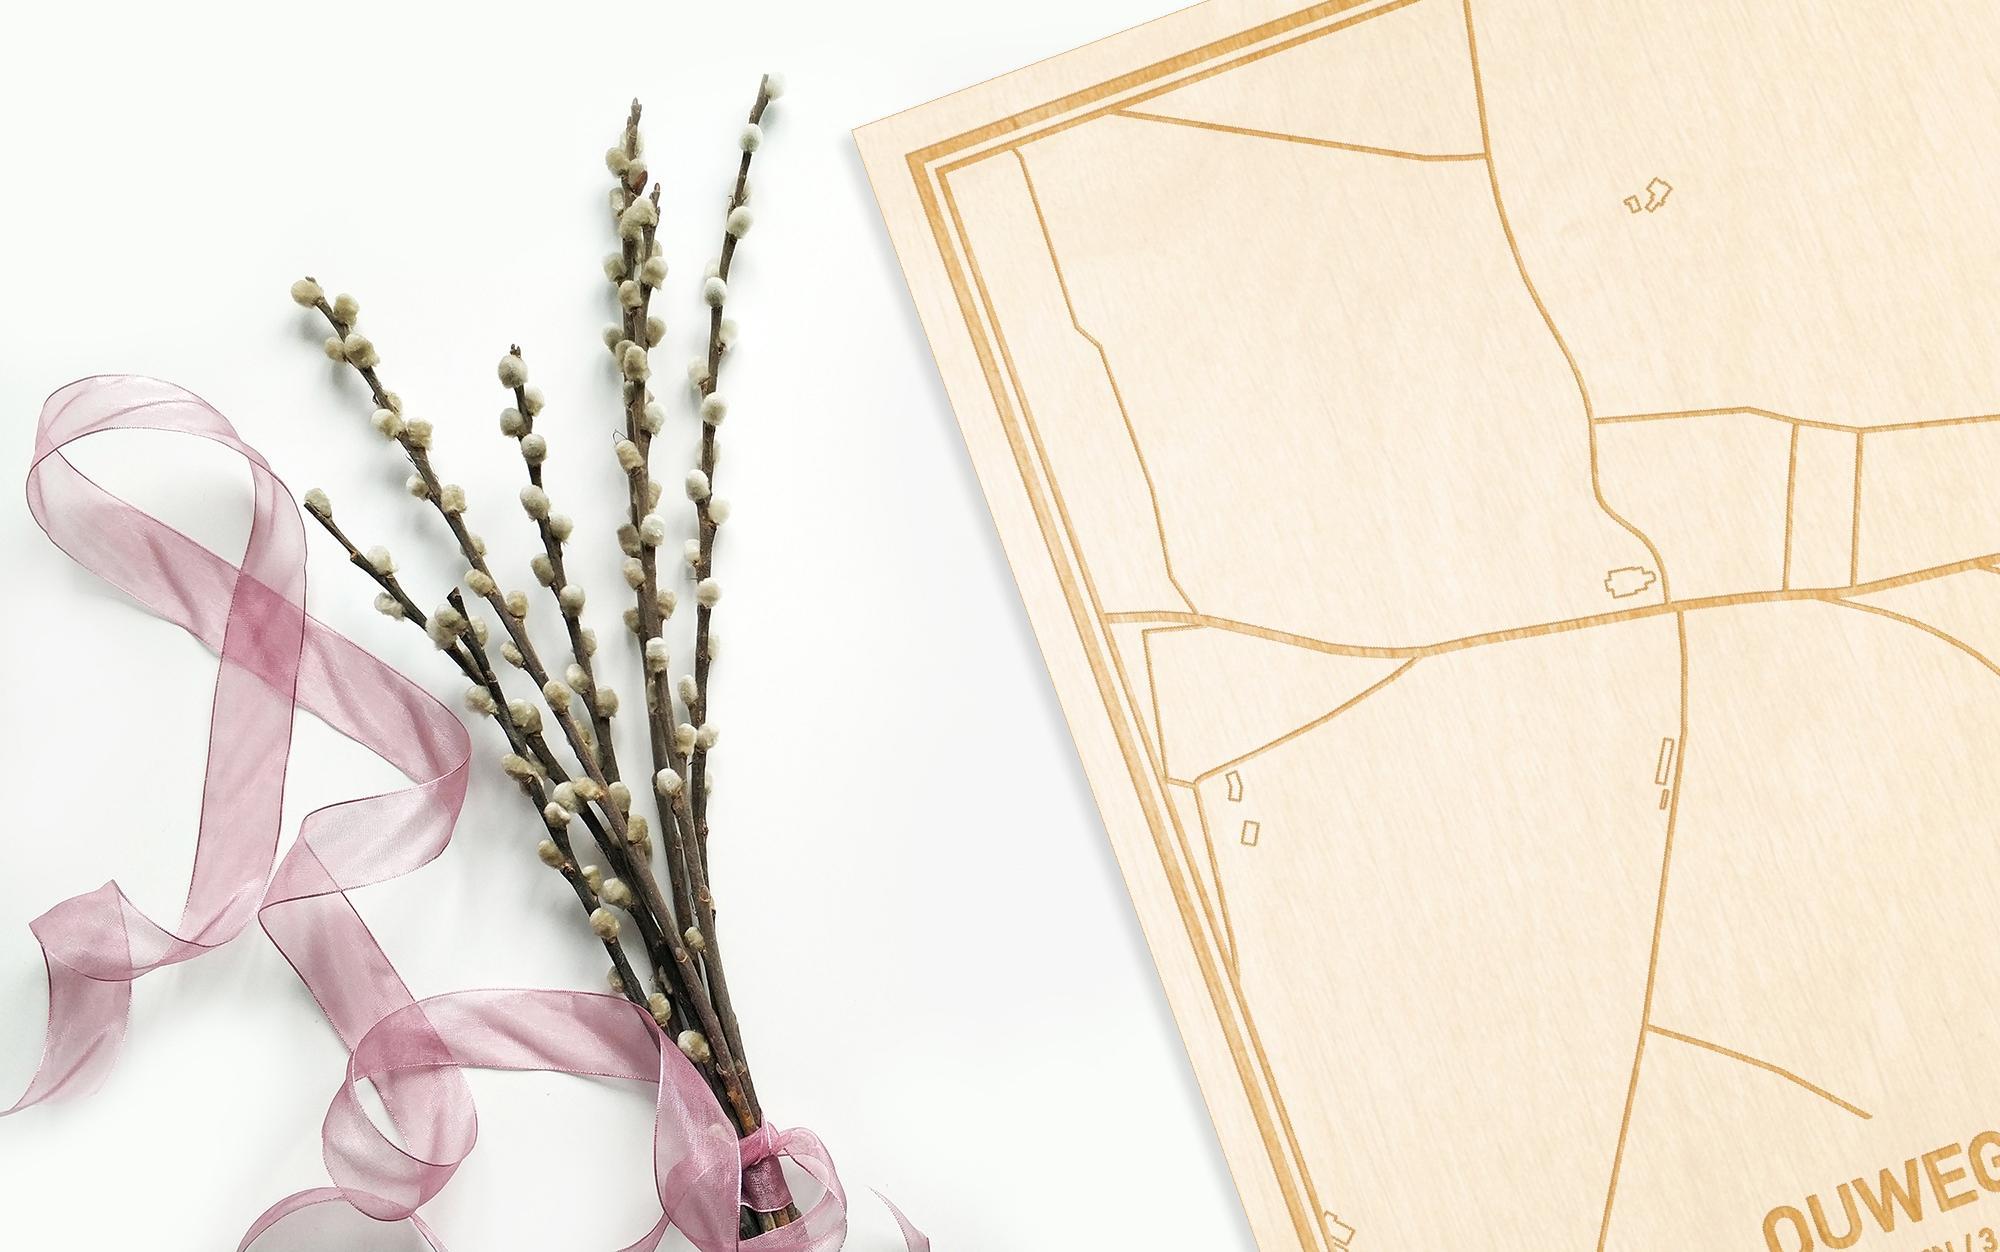 Hier ligt de houten plattegrond Ouwegem naast een bloemetje als gepersonaliseerd cadeau voor haar.